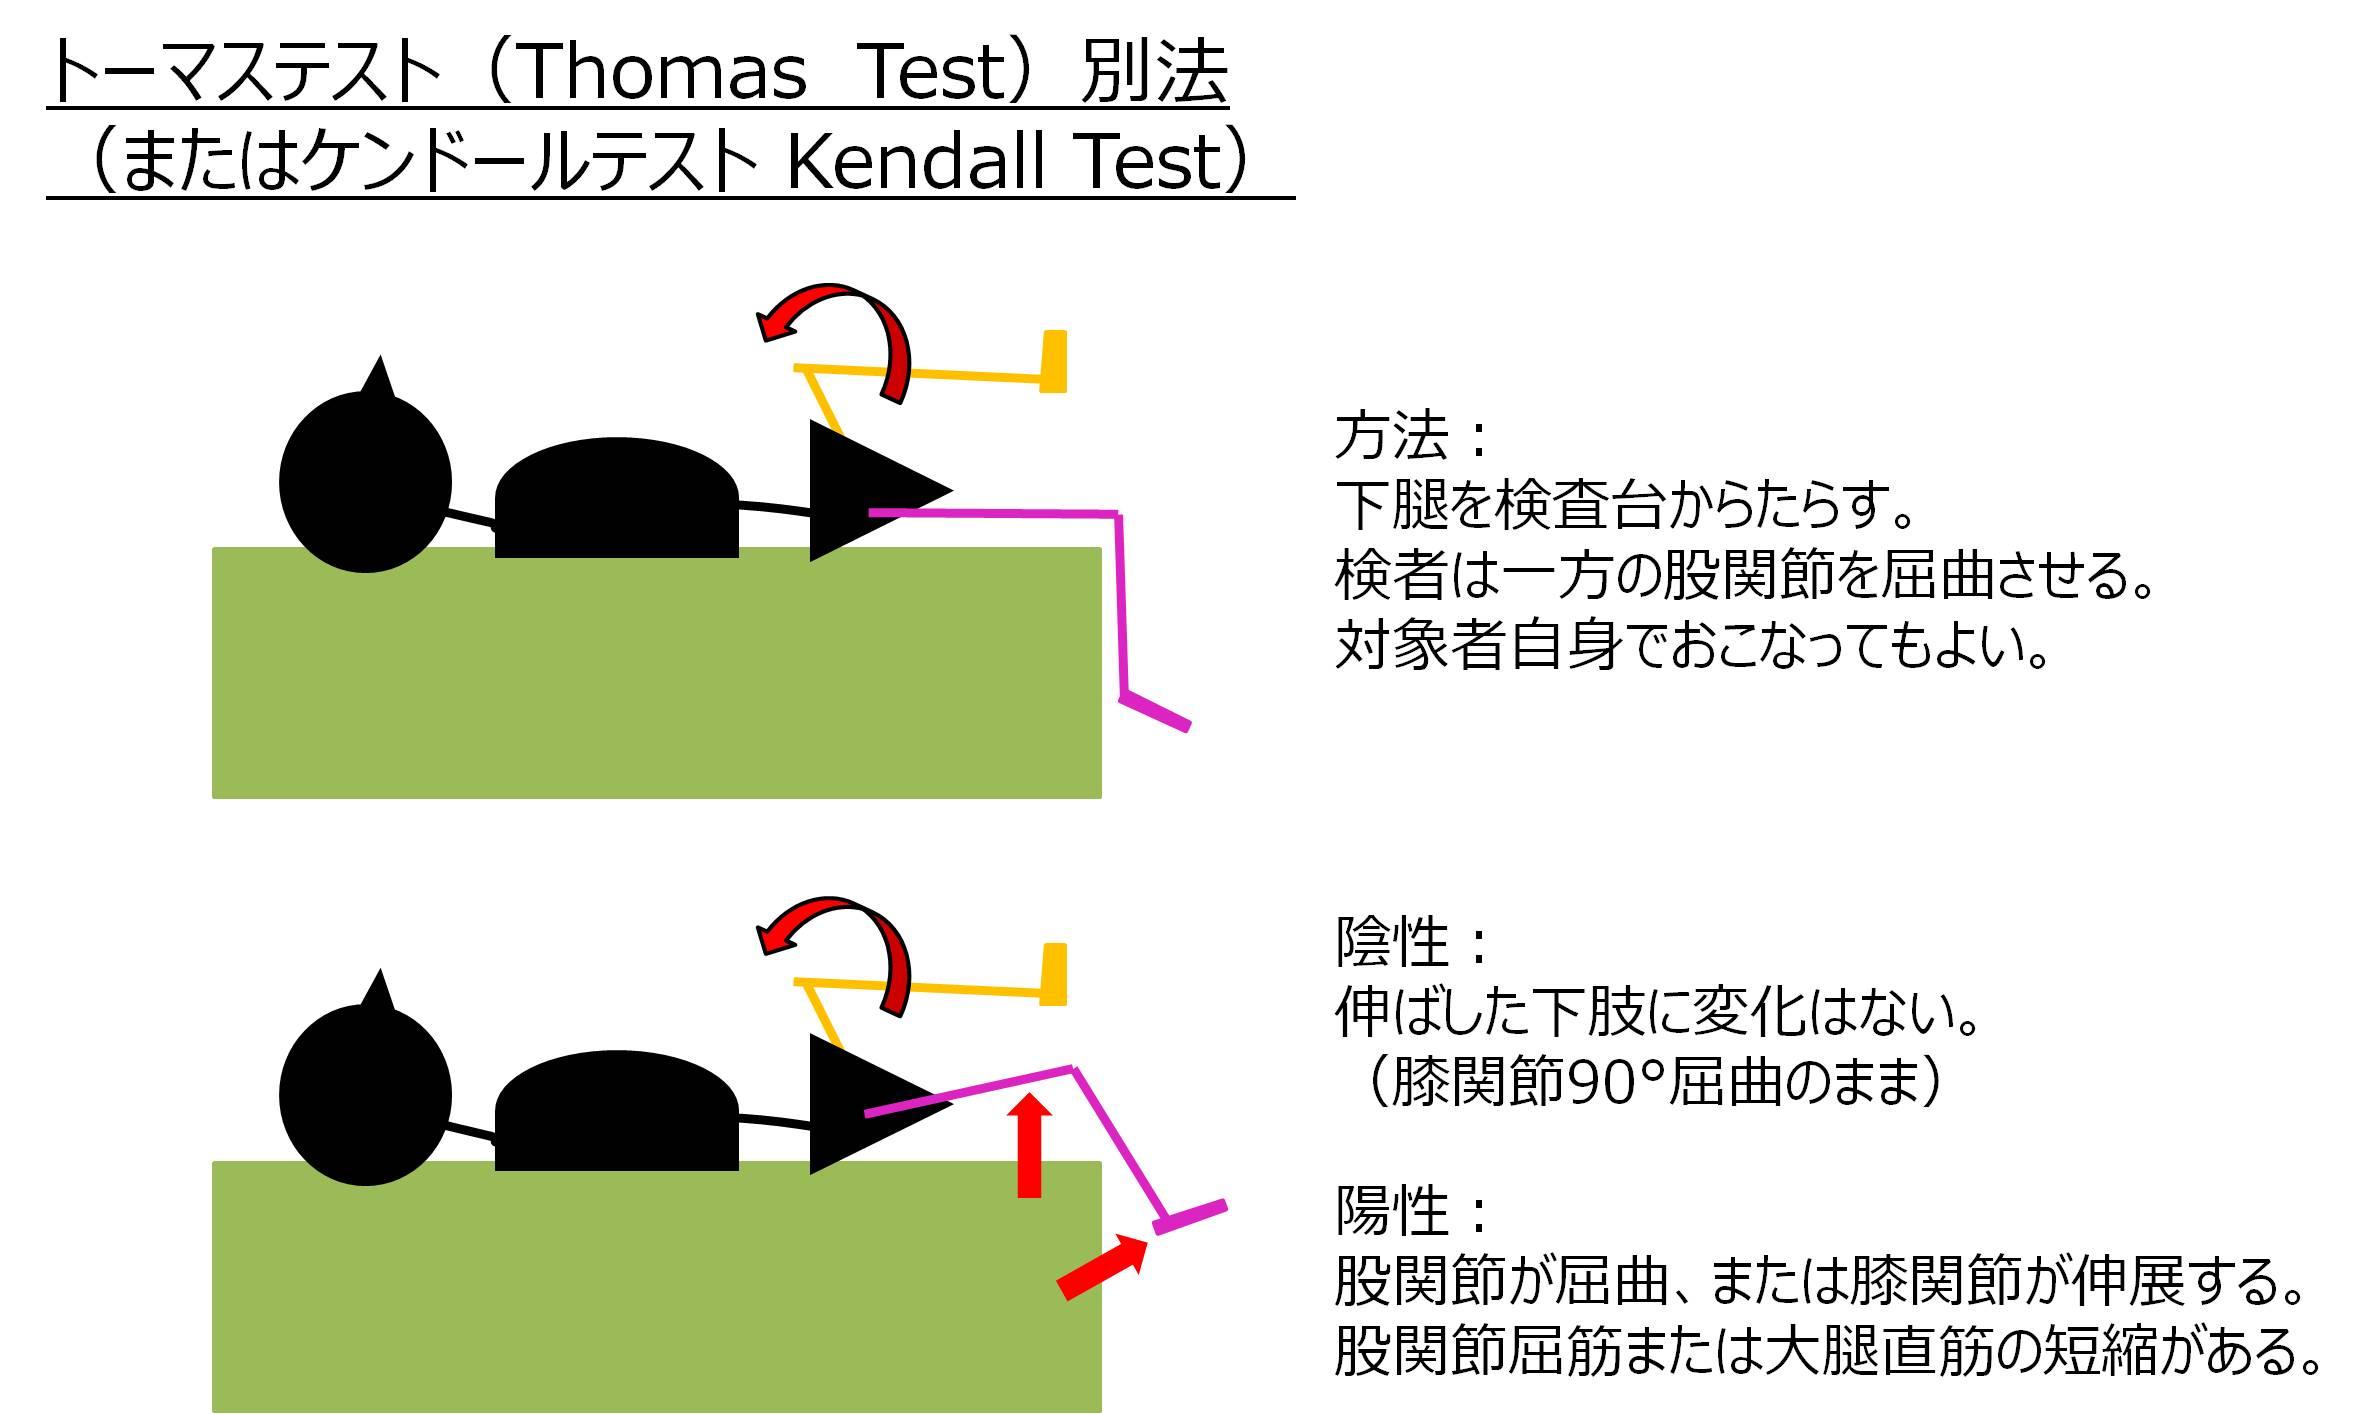 トーマステスト別法